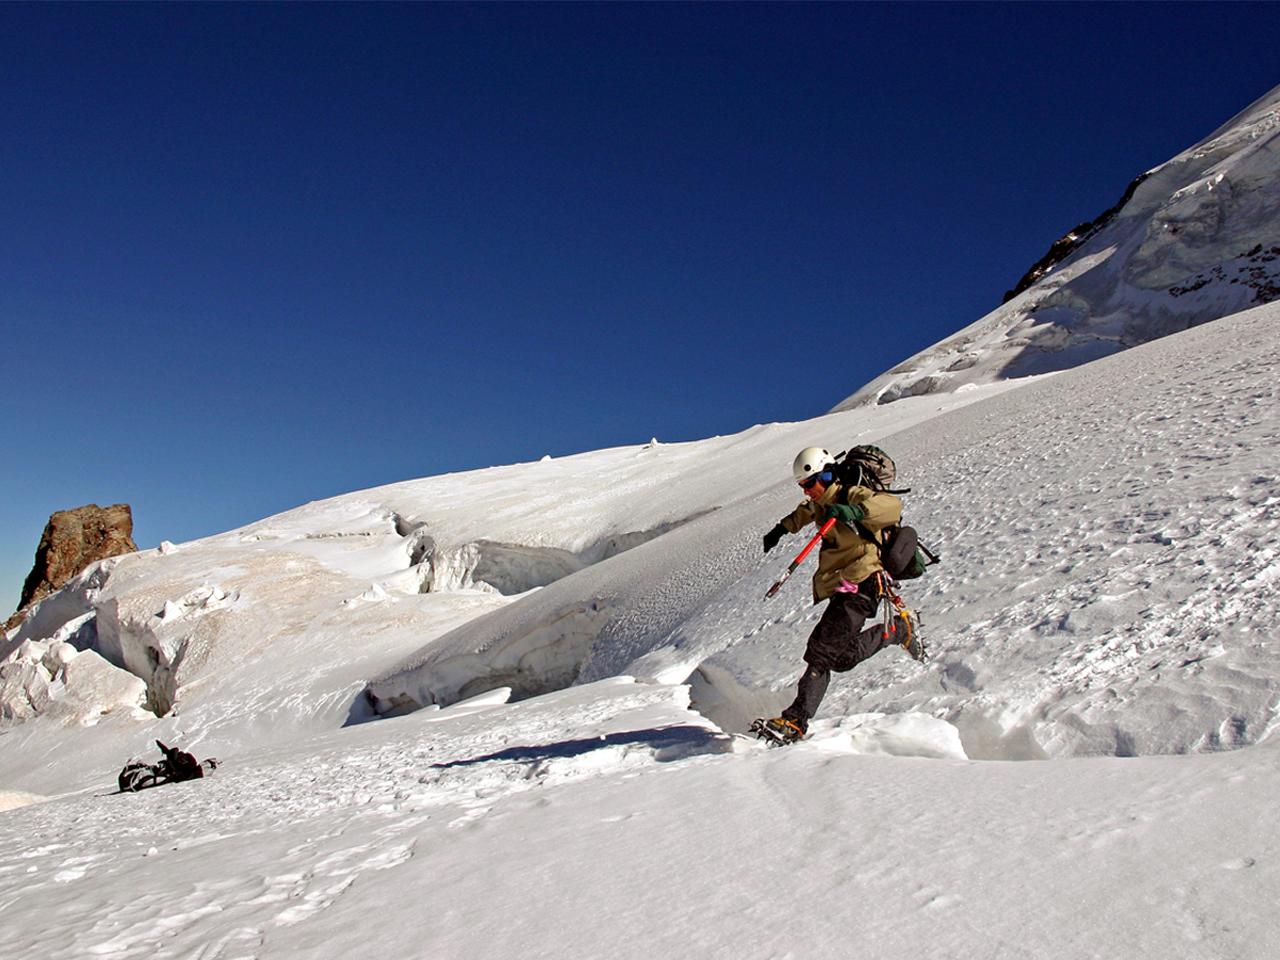 Activiteiten - Alpinisme